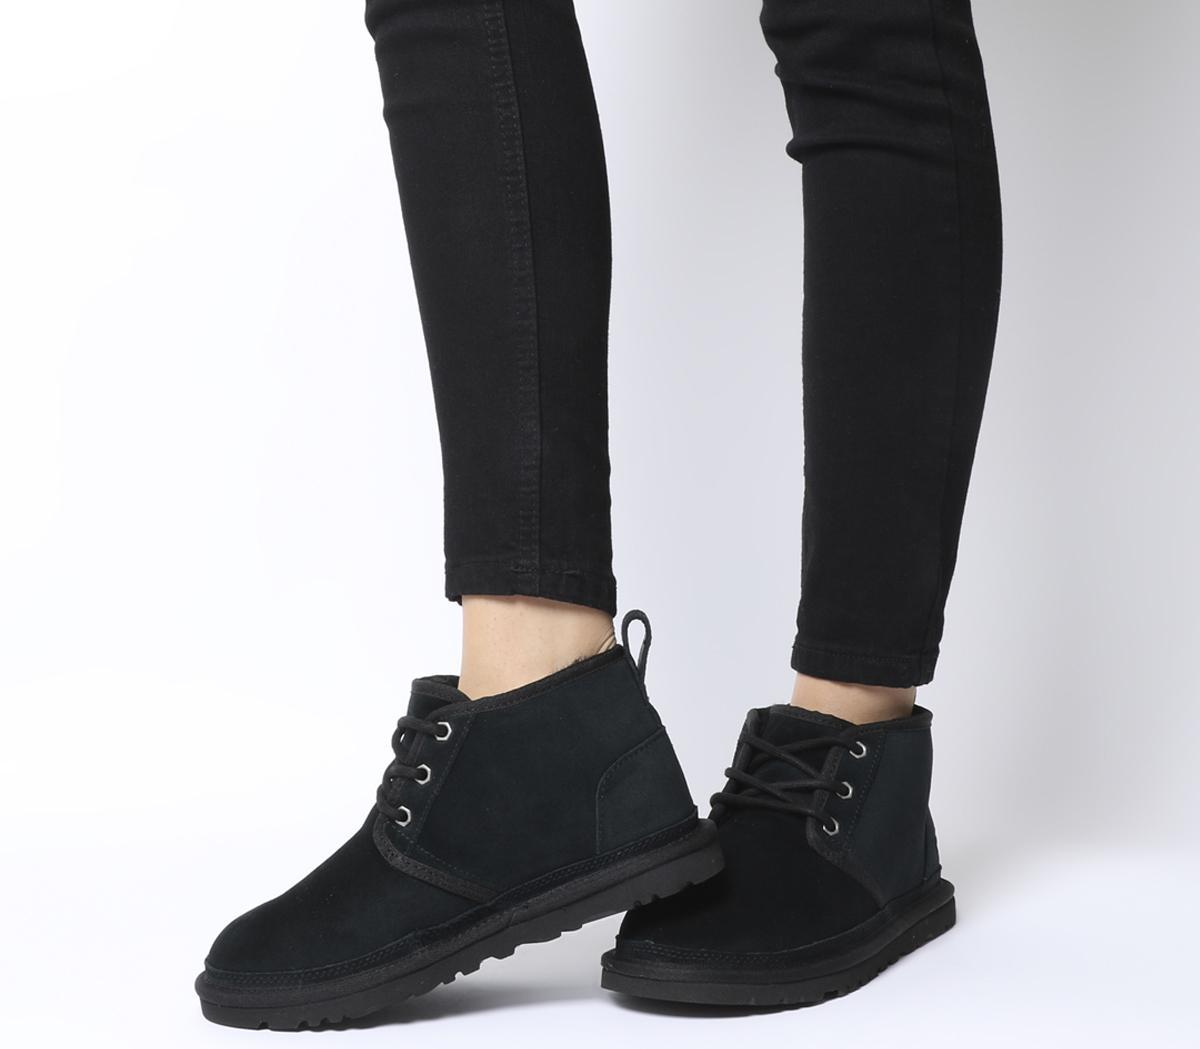 Neumel Boots